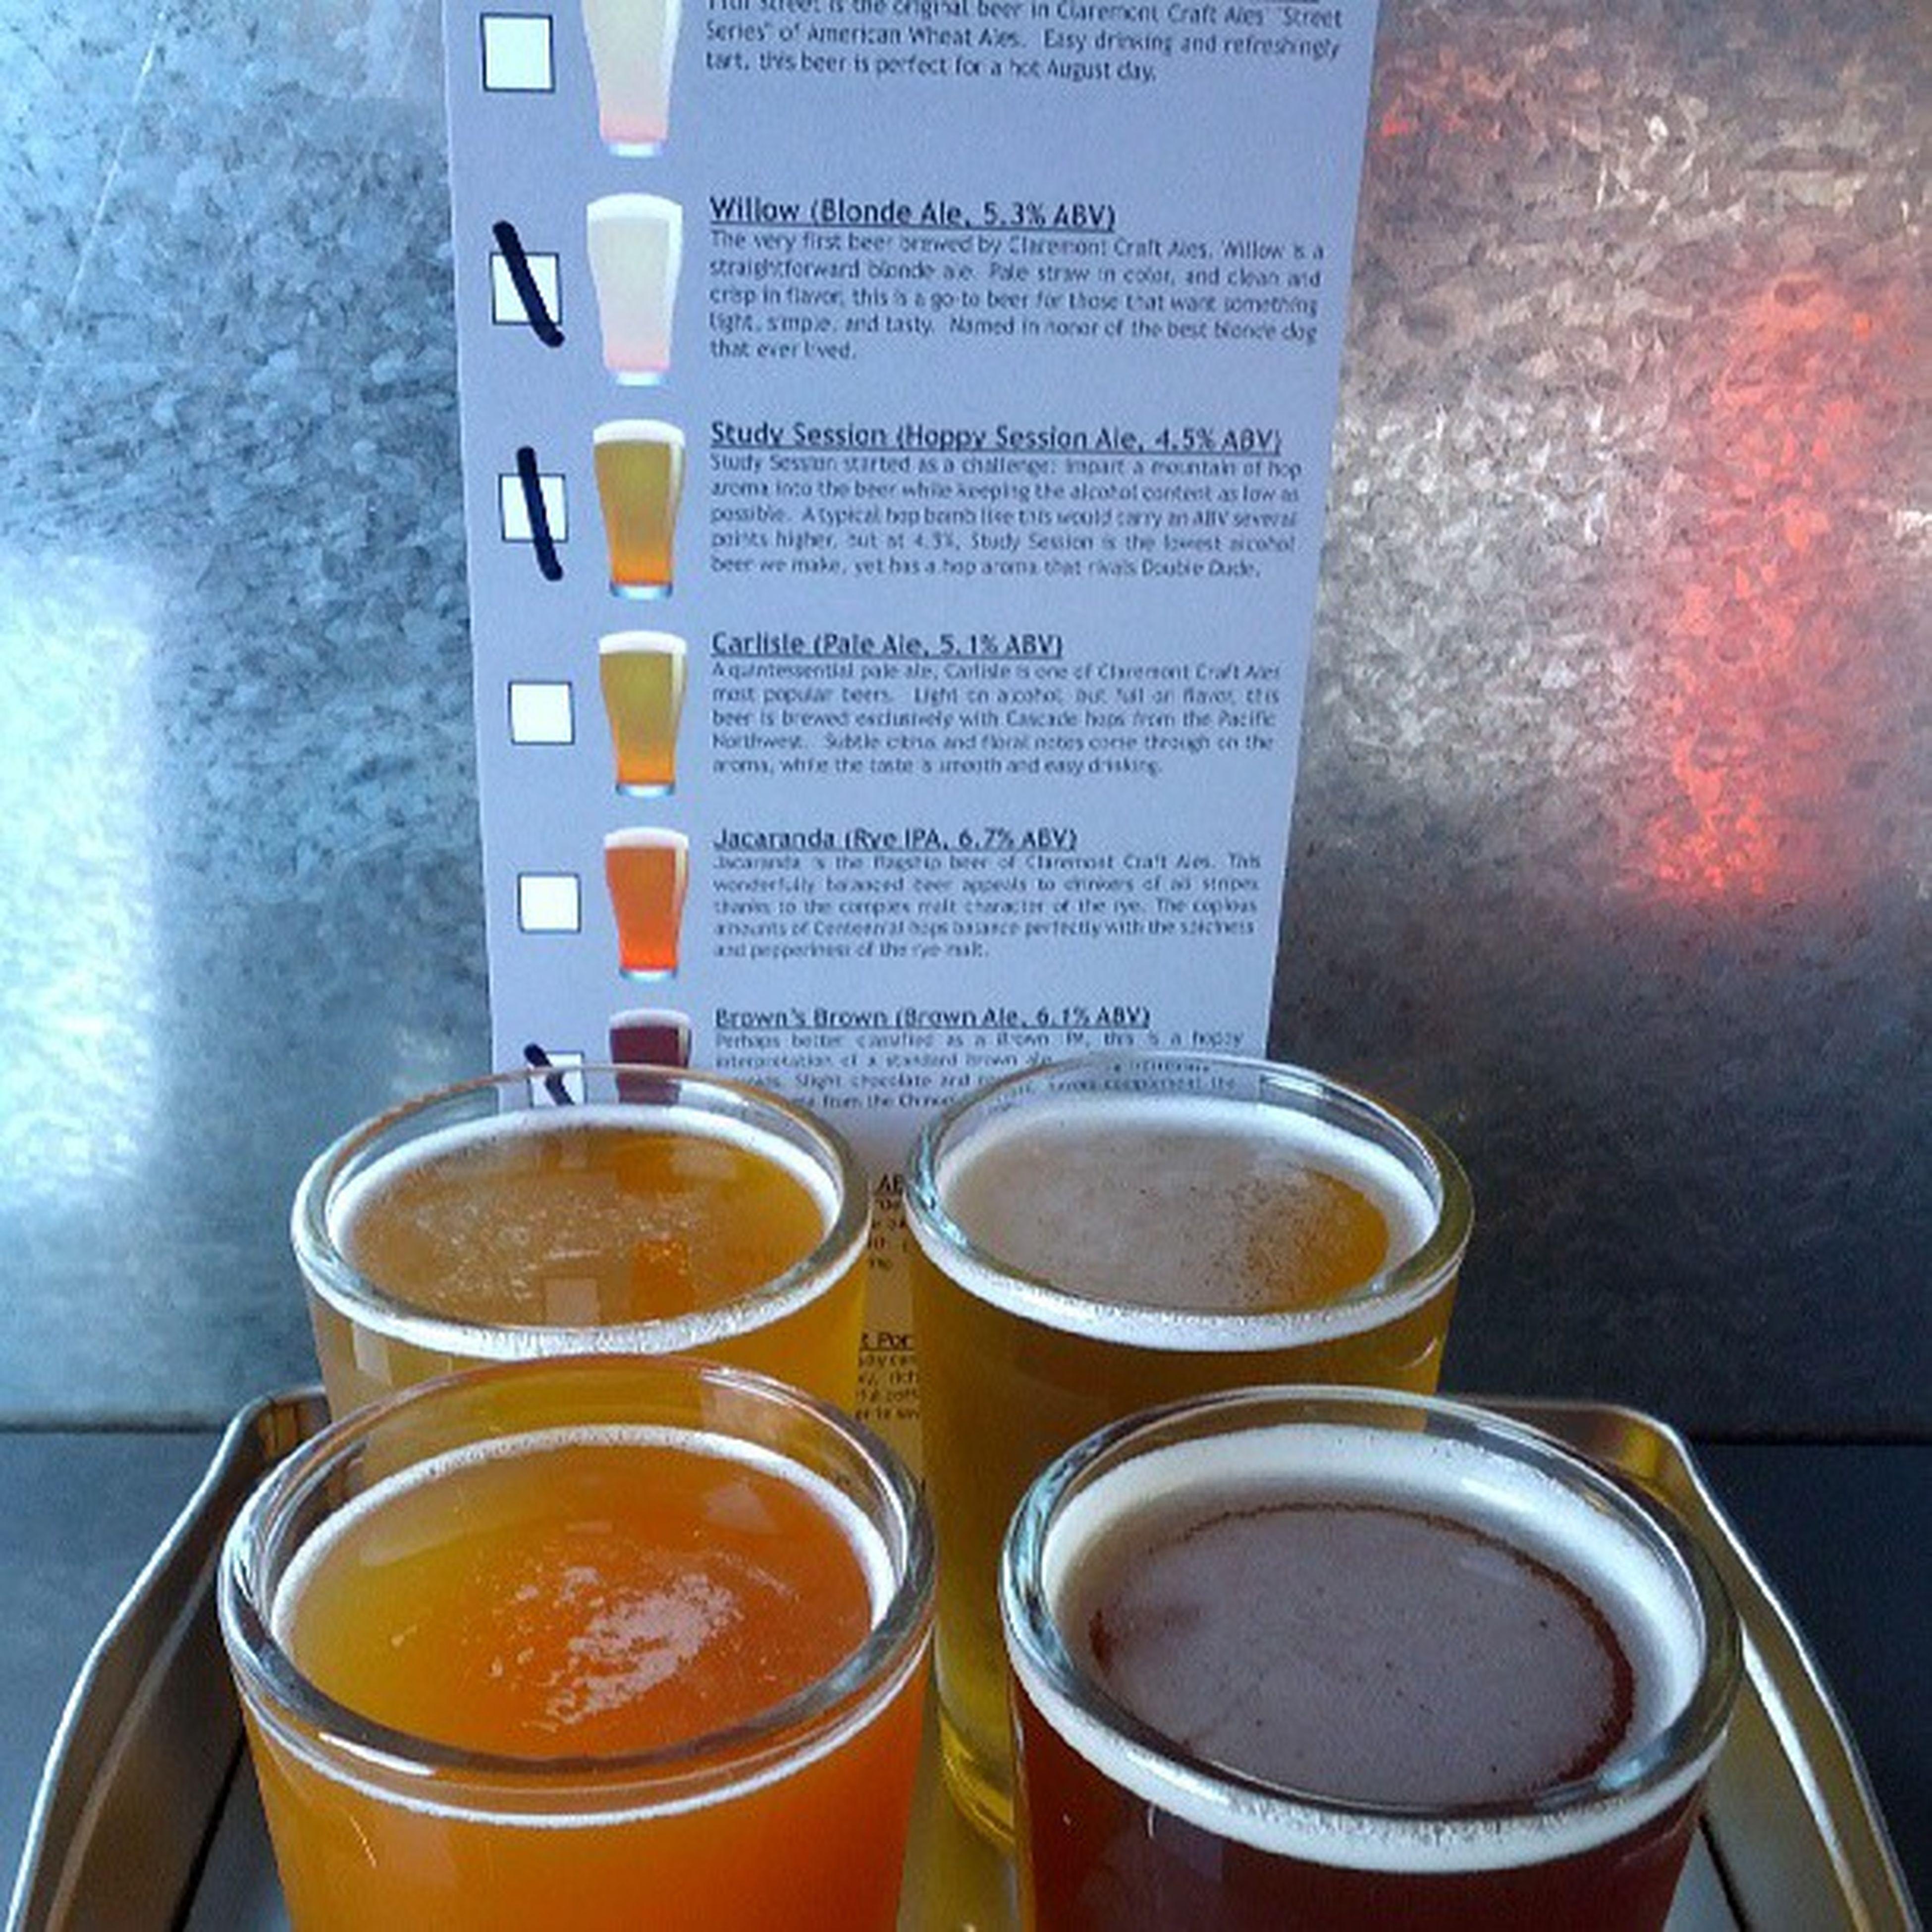 Claremont Craftales Claremontcraftales Beers let's hope this is better @predzridez